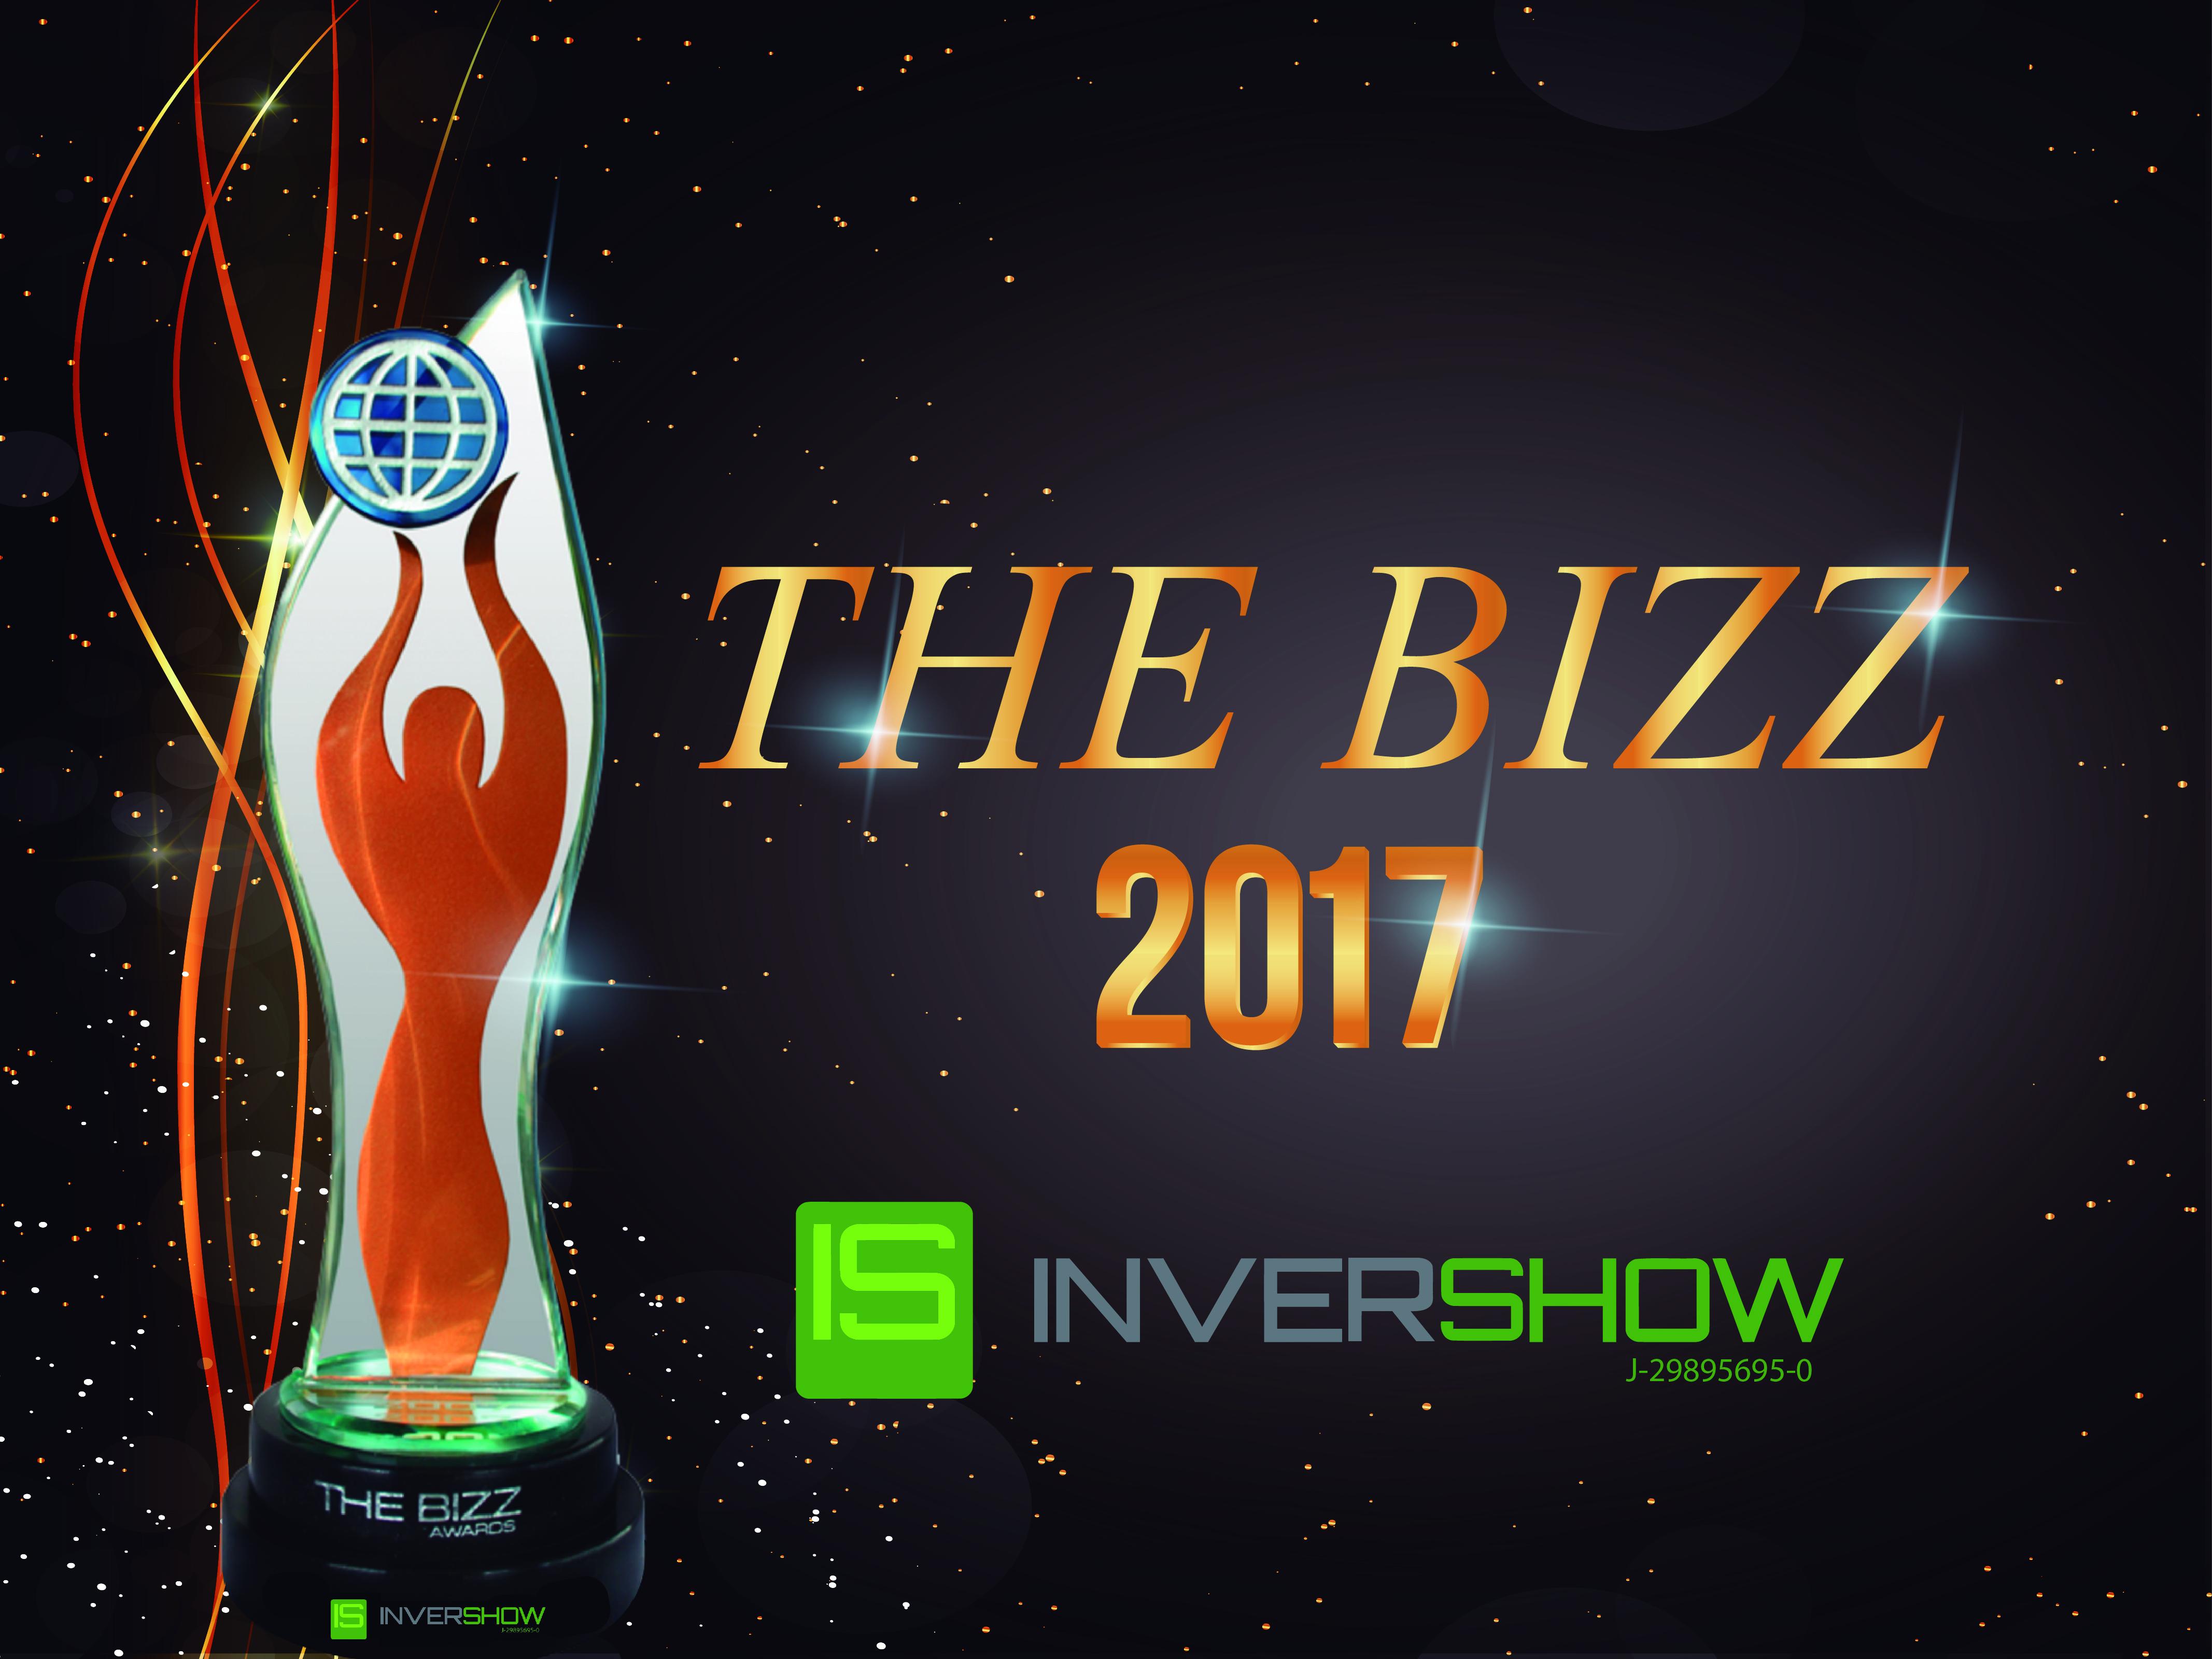 Premio The Bizz 2017 A Invershow